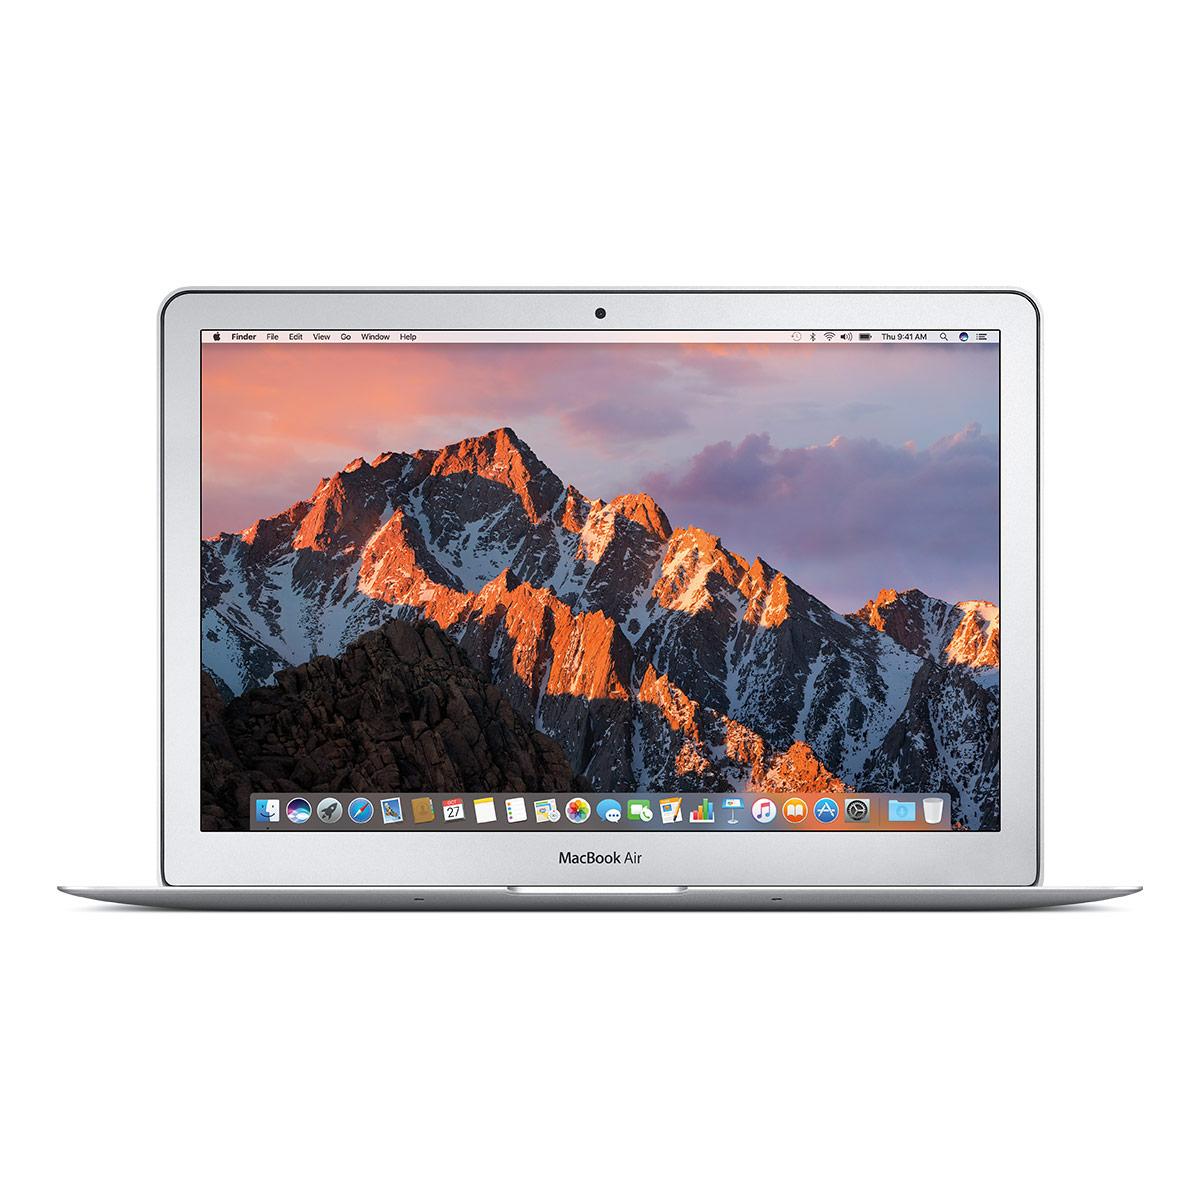 Apple Macbook Air 13 inch Dual i5 1.8GHz 8GB 128GB Intel HD 6000